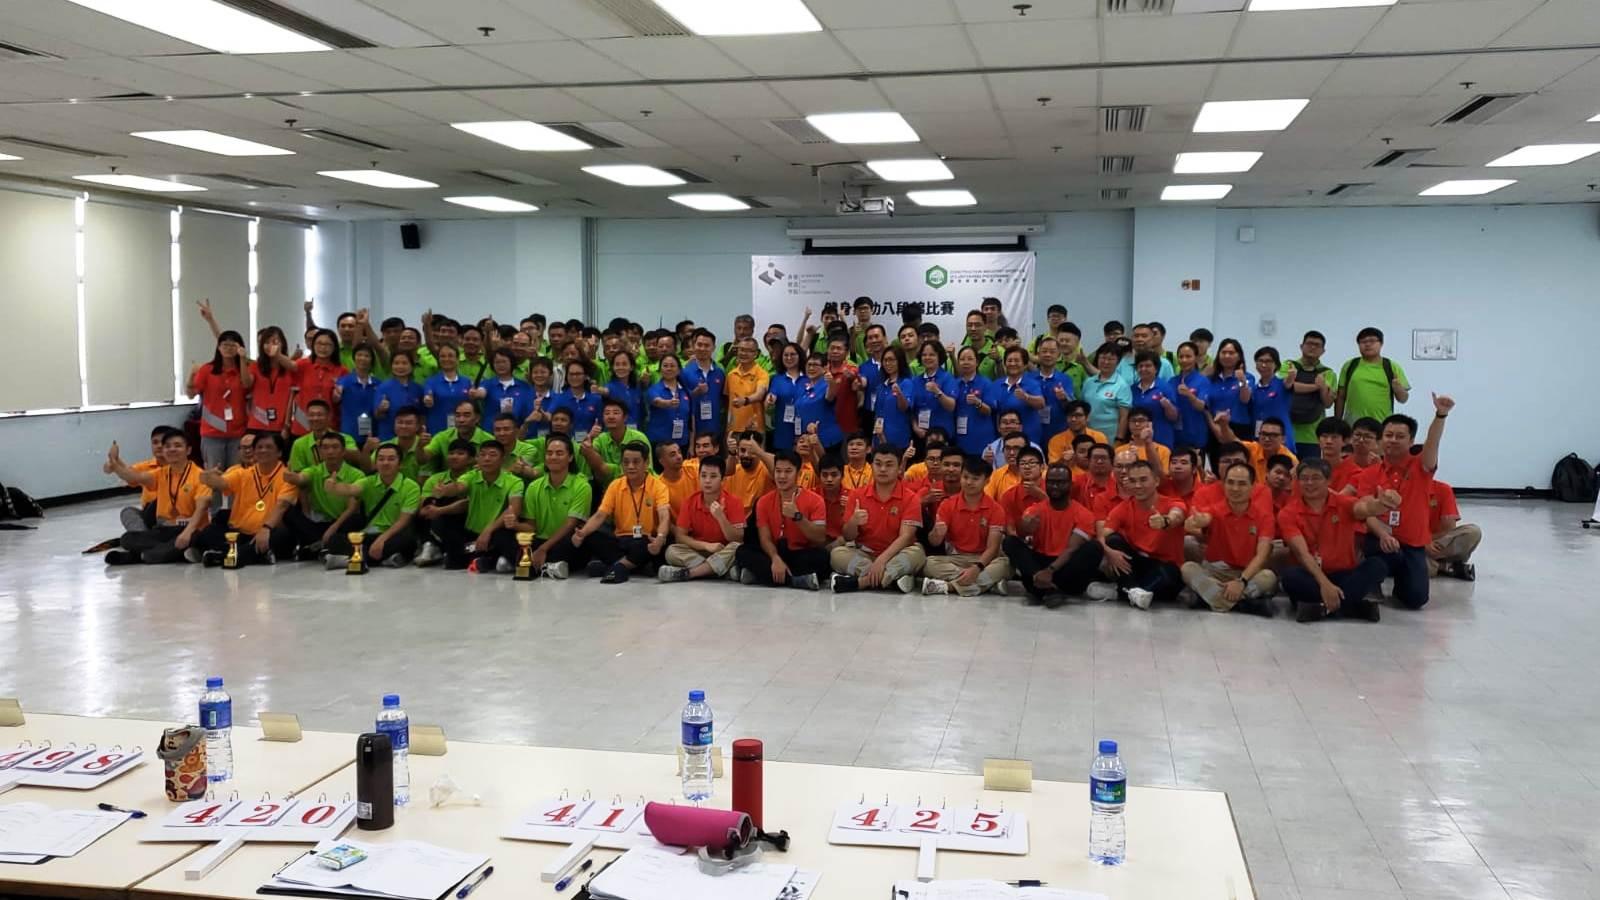 [運動] 香港建造學院—健身氣功八段錦比賽2019